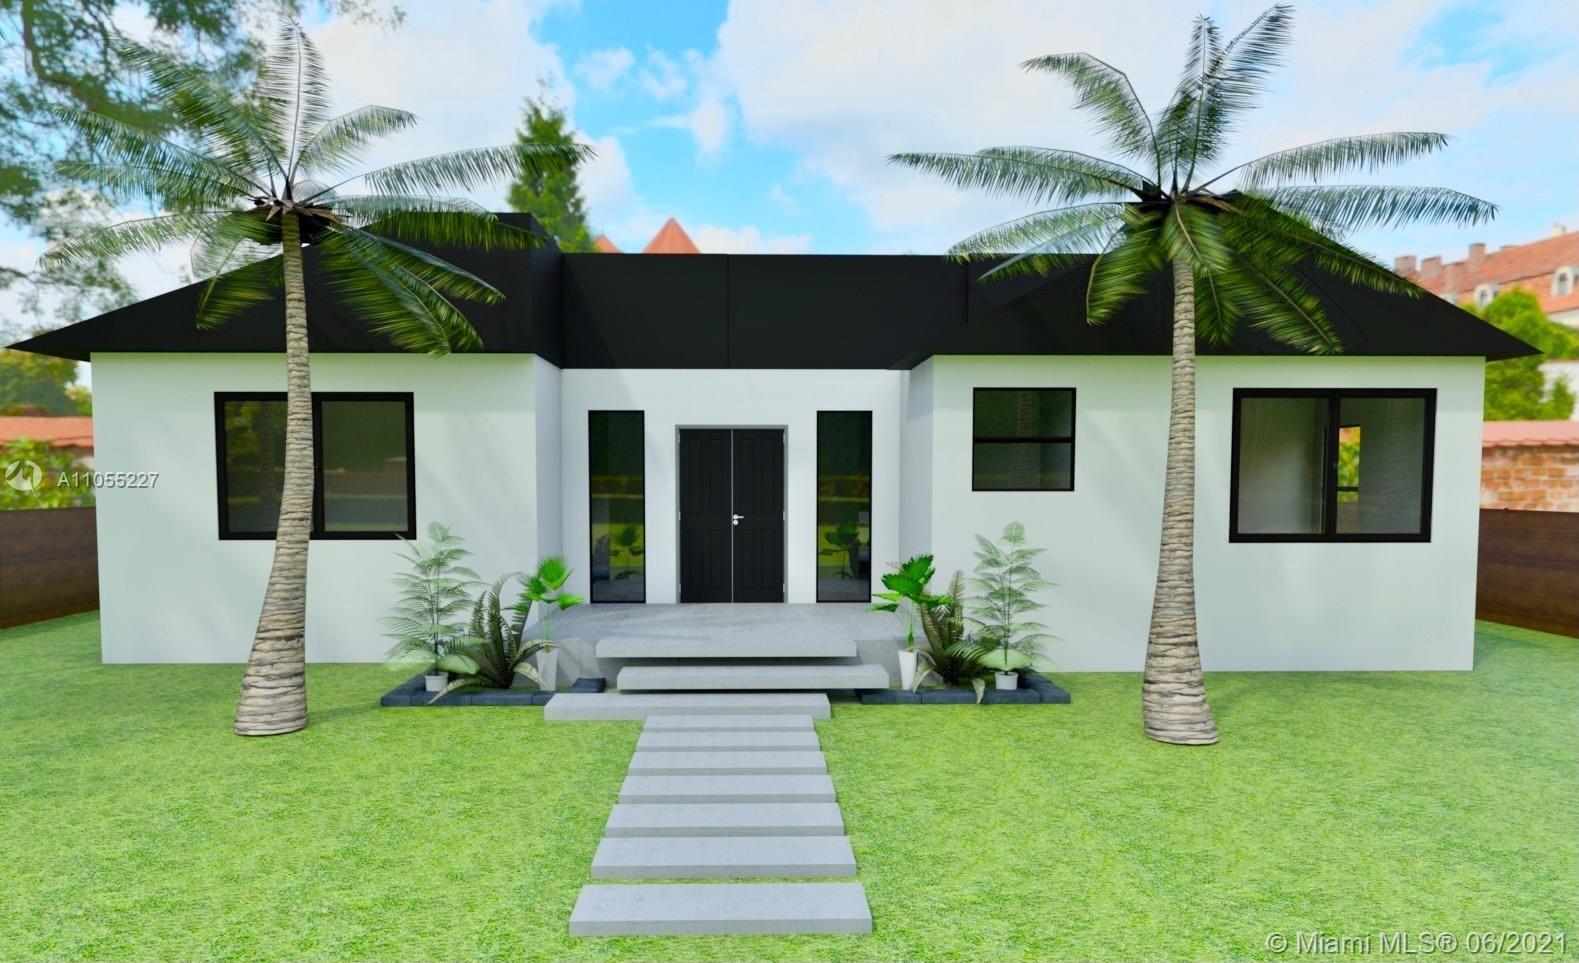 Miami Shores - 19 NW 109th St, Miami Shores, FL 33168